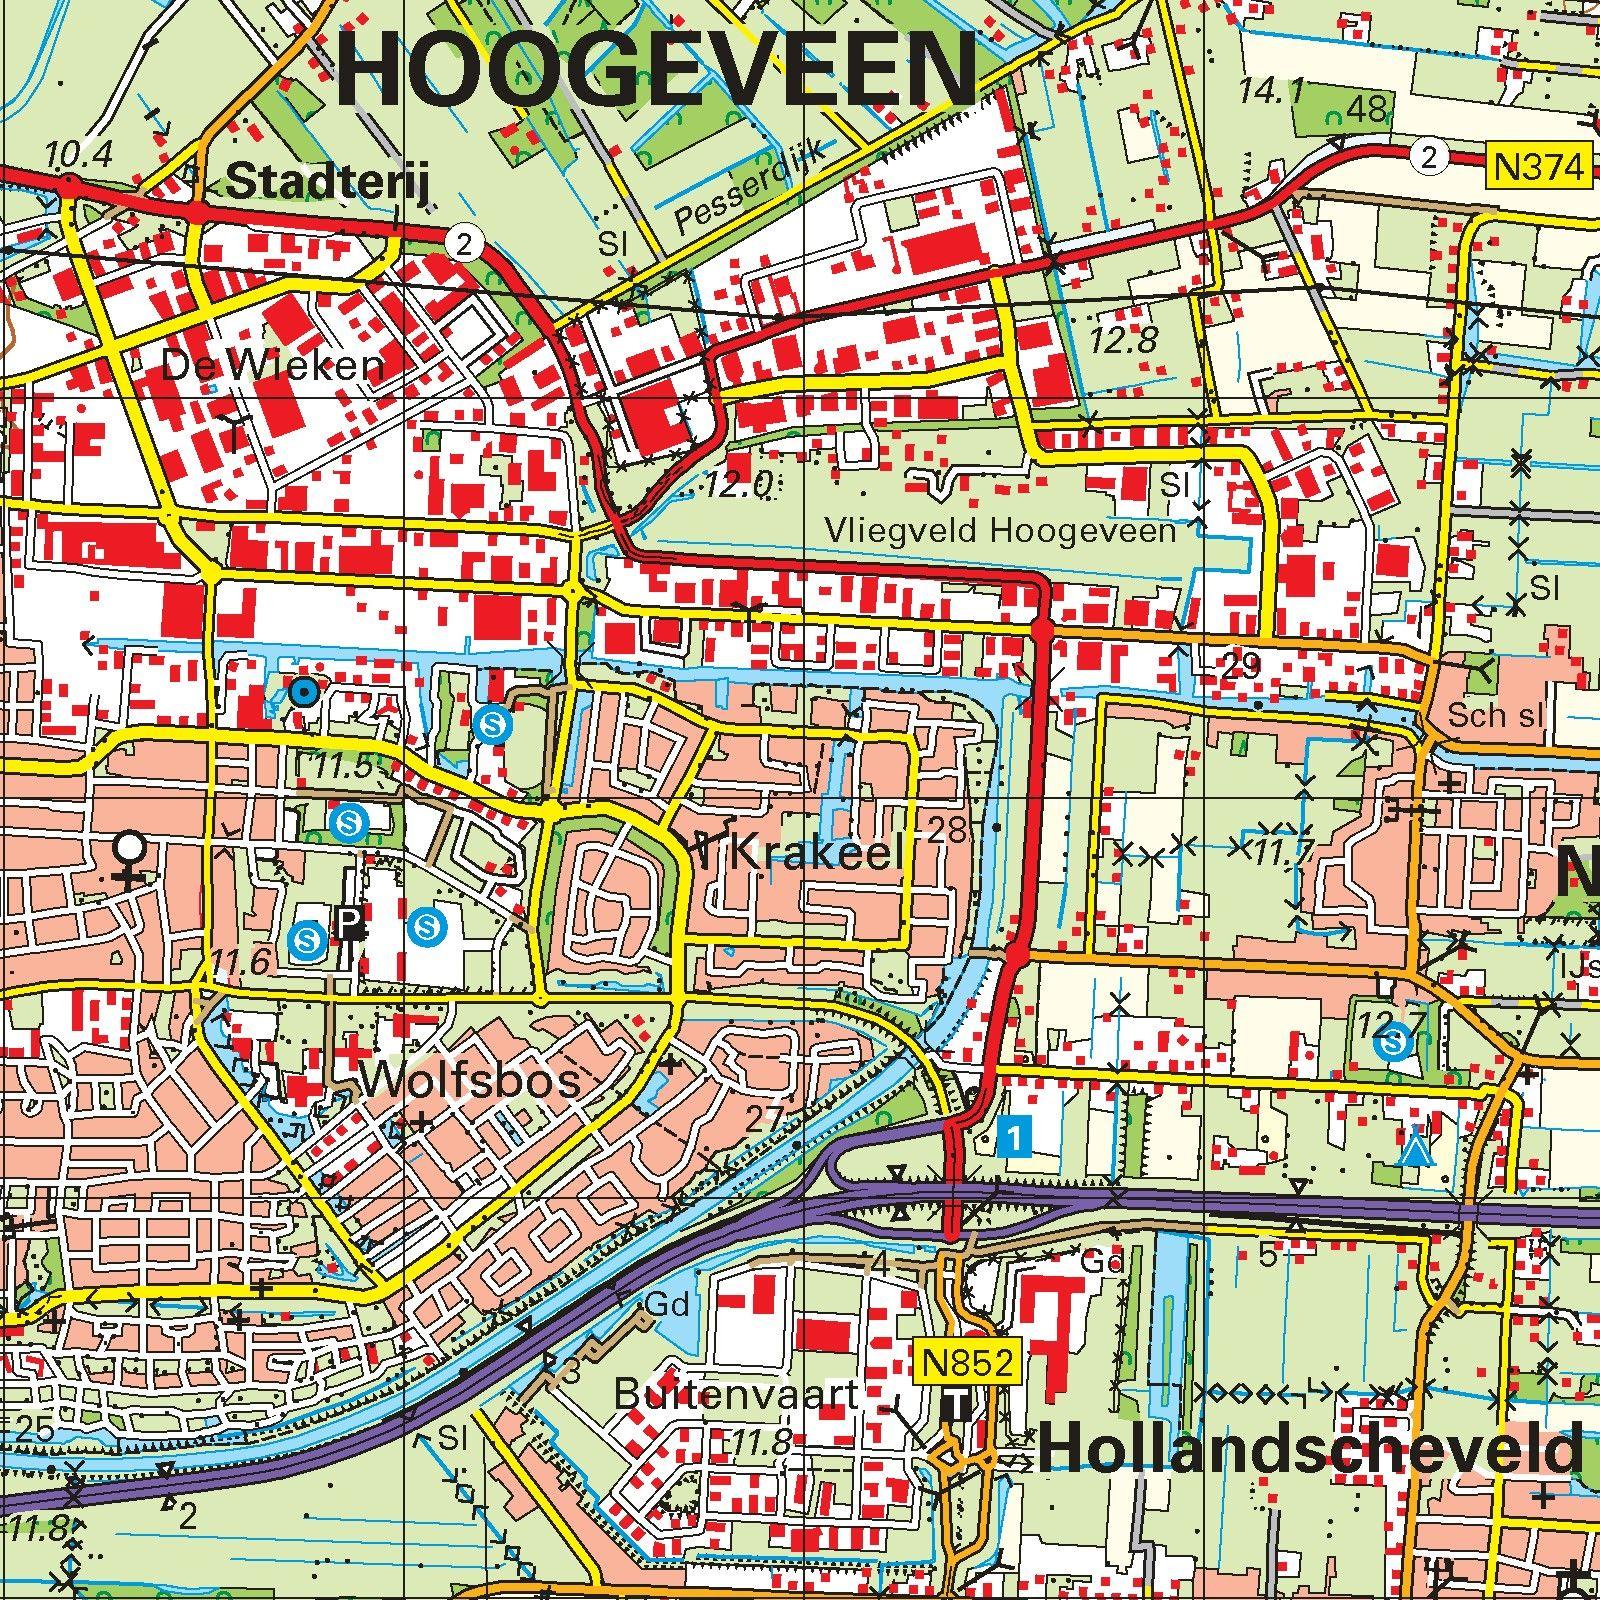 Topografische kaart schaal 1:50.000 (Hoogeveen, Emmen, Coevorden, Ommen)